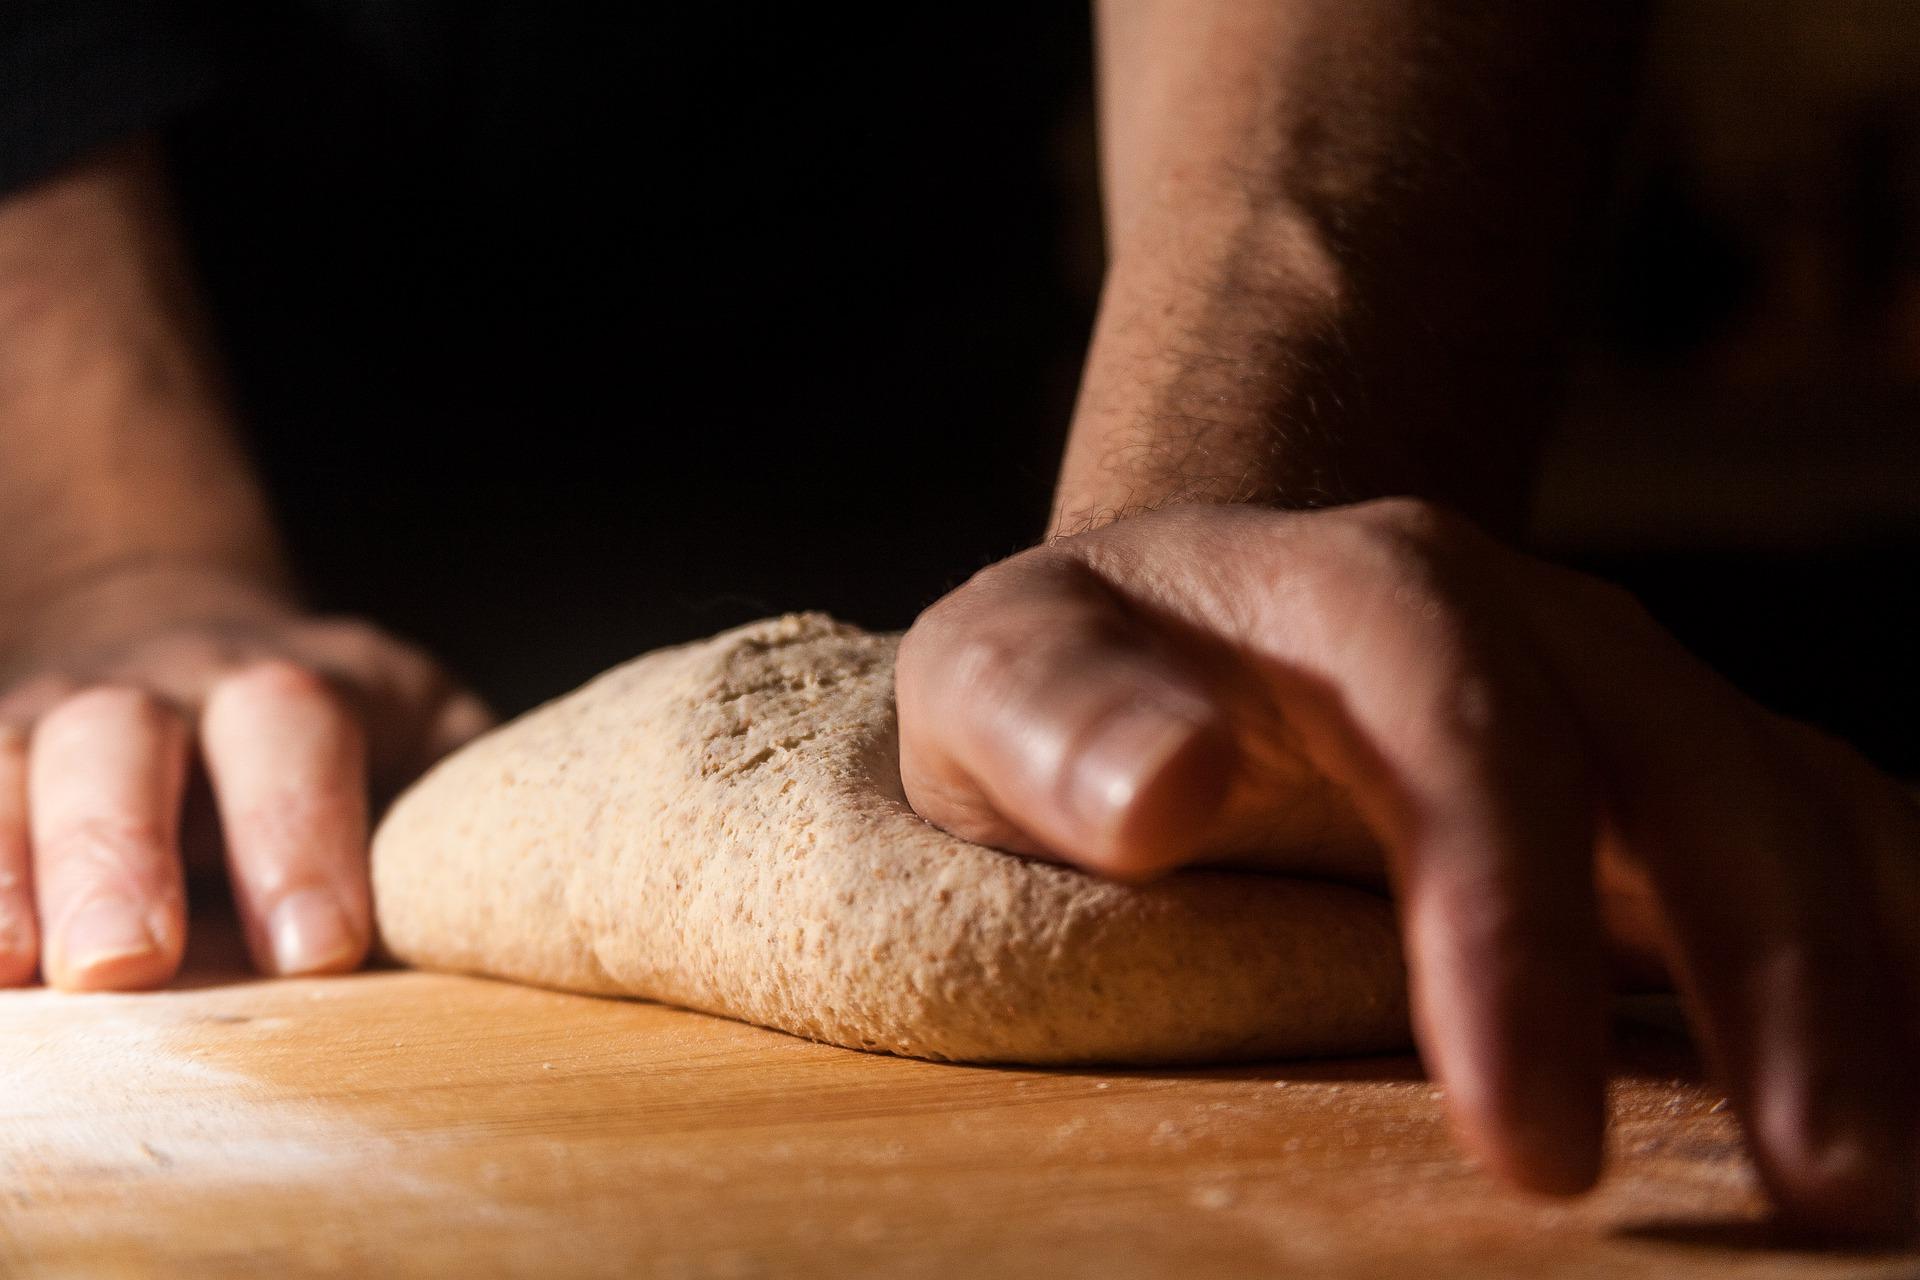 L'art de pétrir la pâte à pain